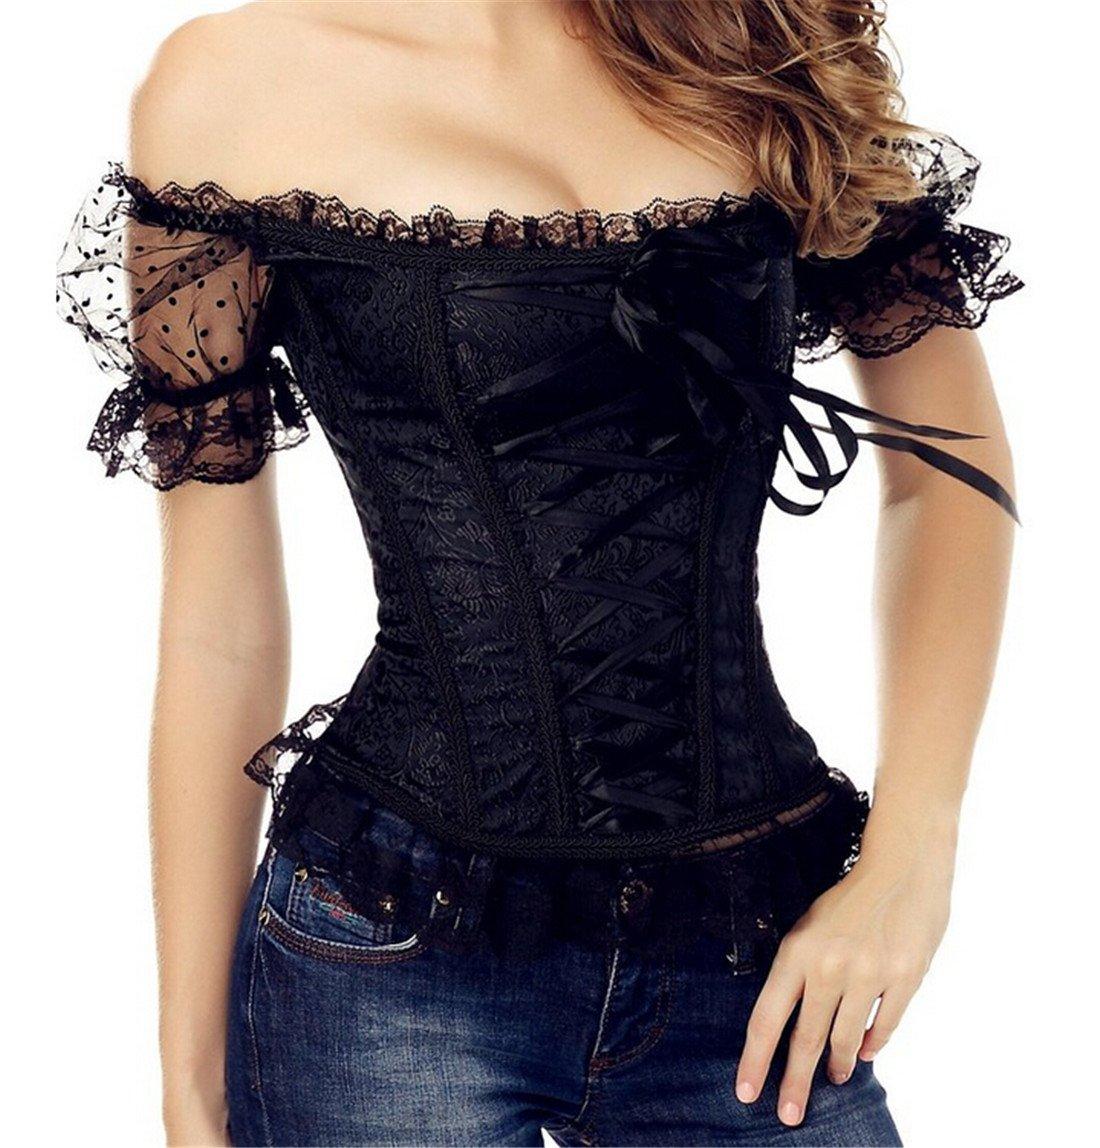 Zhitunemi Women's Princess Renaissance Corset Lace Ruched Sleeves Elegant Overbust Top 2X-Large Black